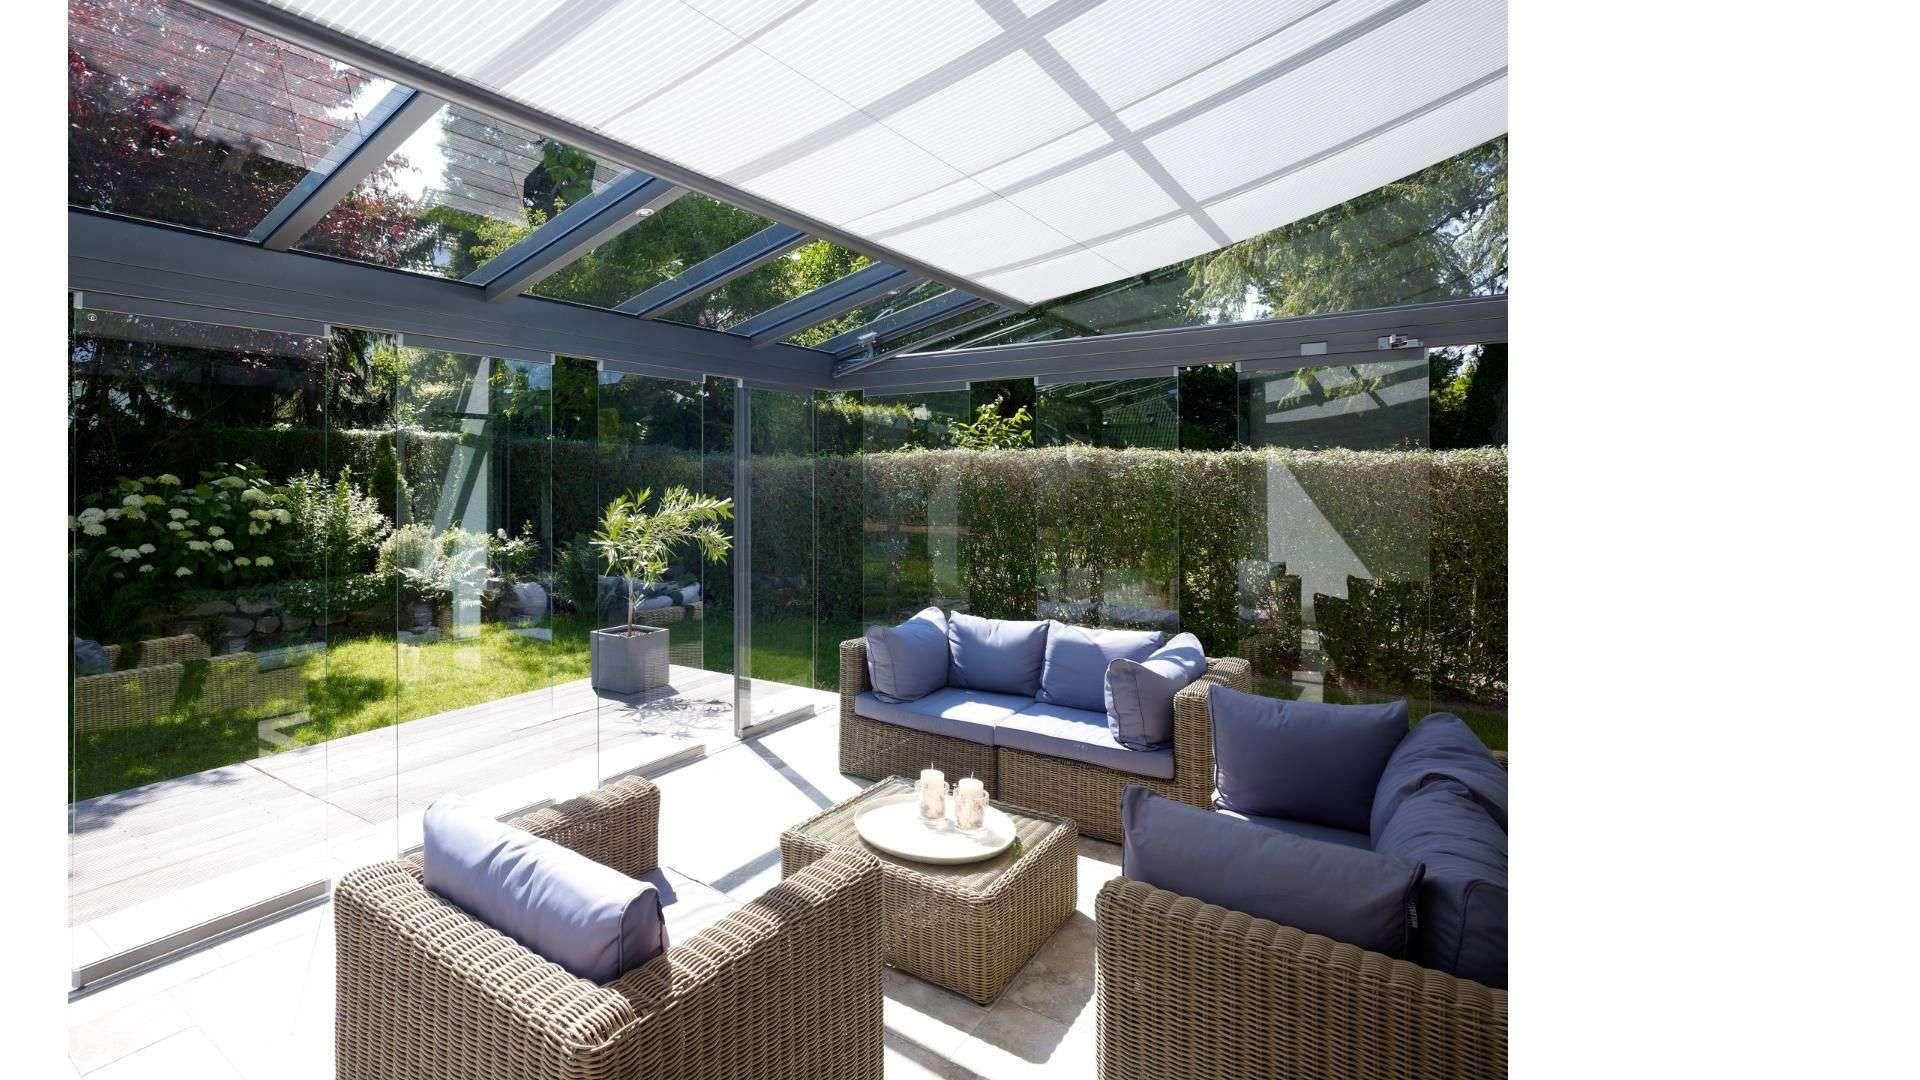 Innenansicht eines Glashauses mit Unterglas-Markise mit Blick in den Garten